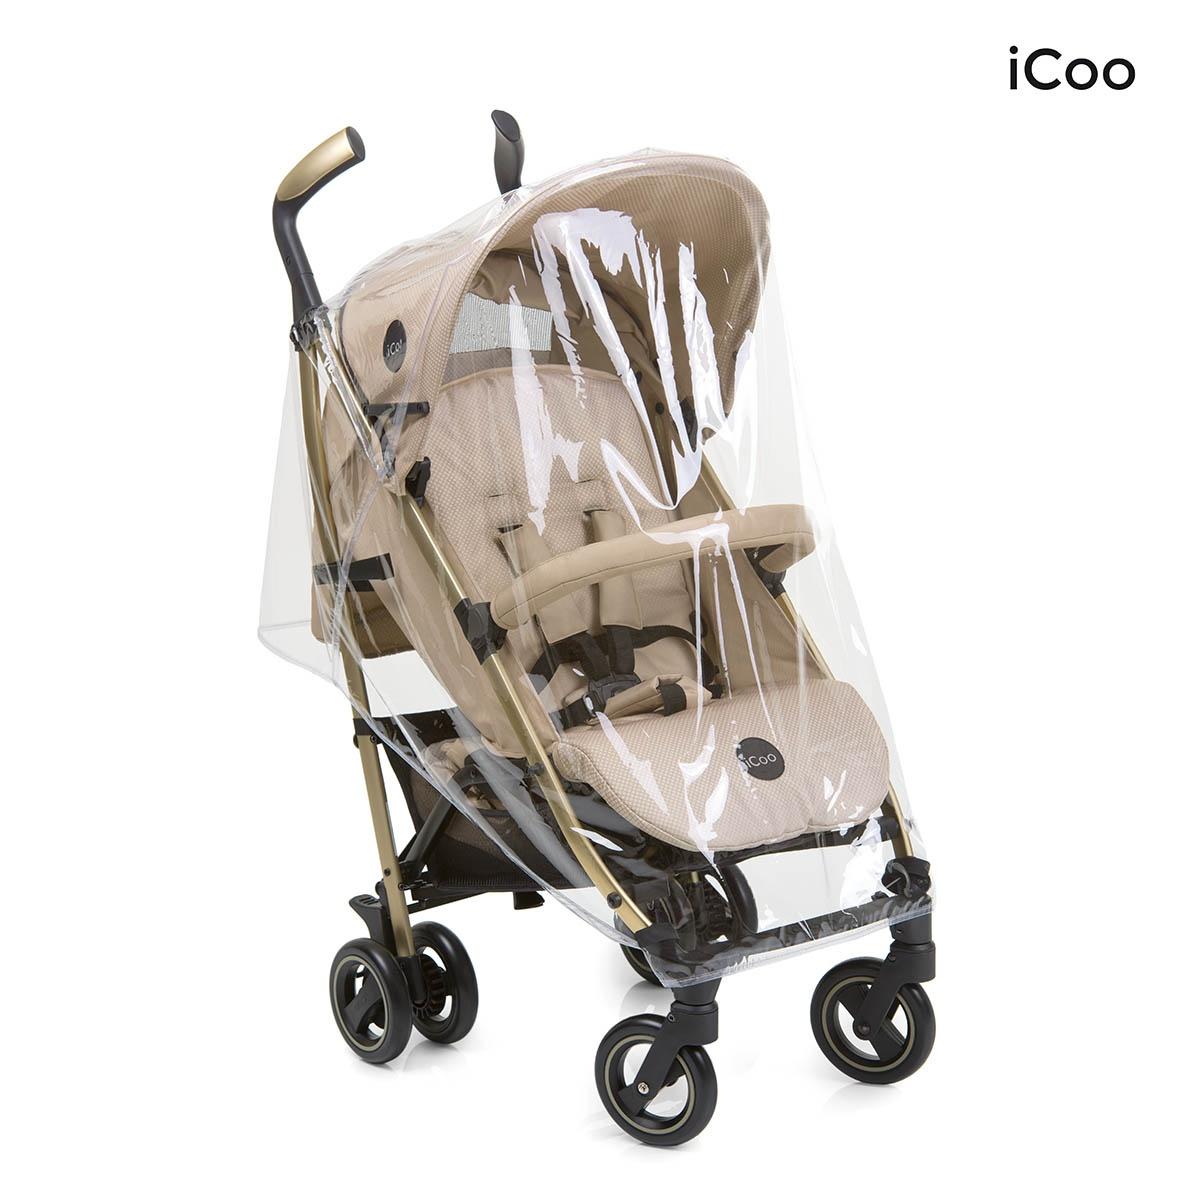 iCoo Pace raincover 2019 pláštěnka